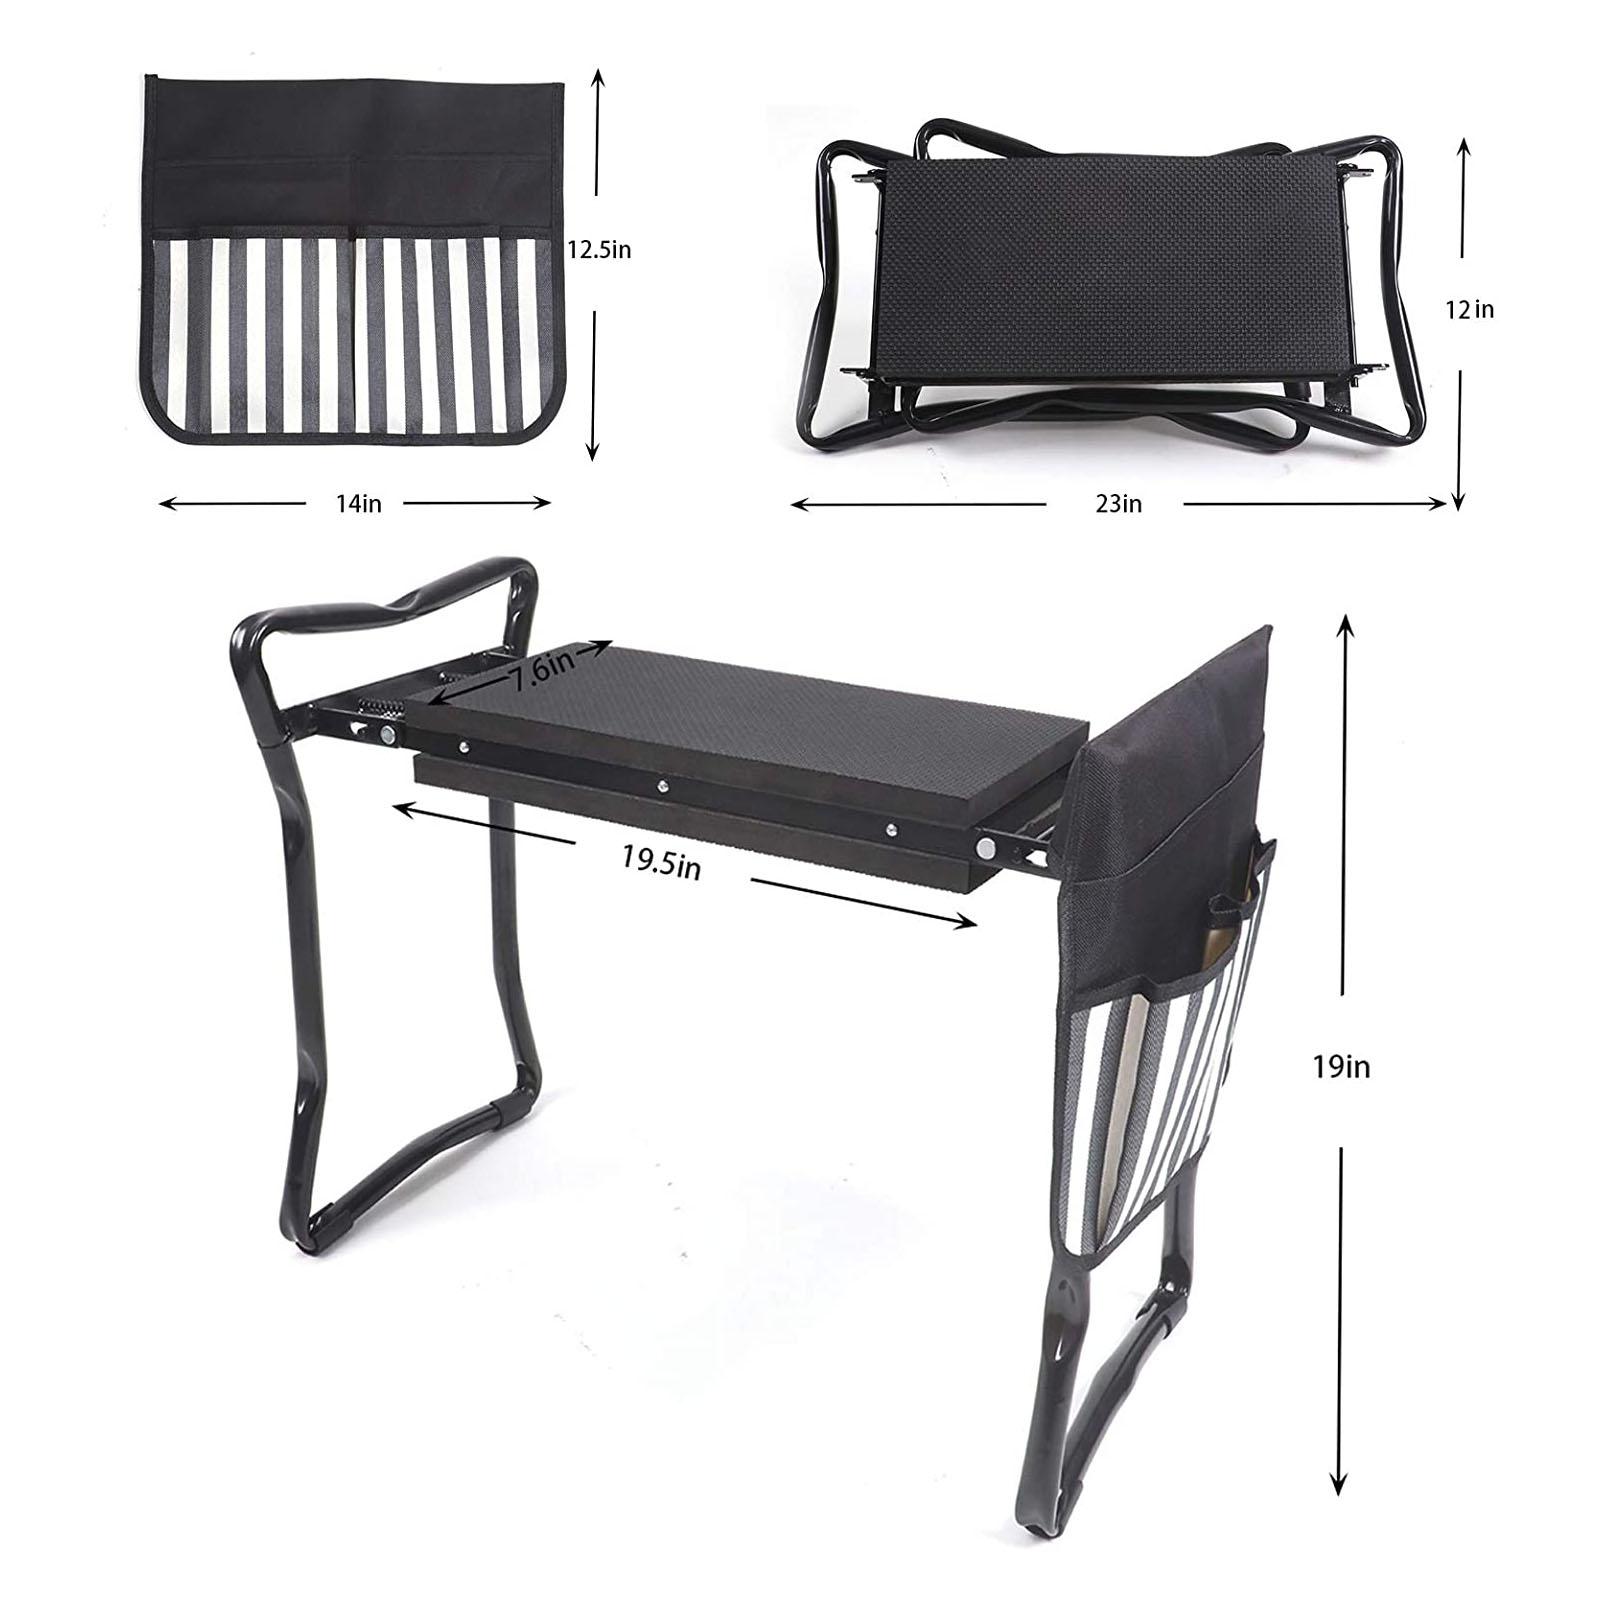 Folding Garden Kneeler Seat Garden Benches Garden Kneepad Folding Seat Stool Picnic Table With 2 Bags